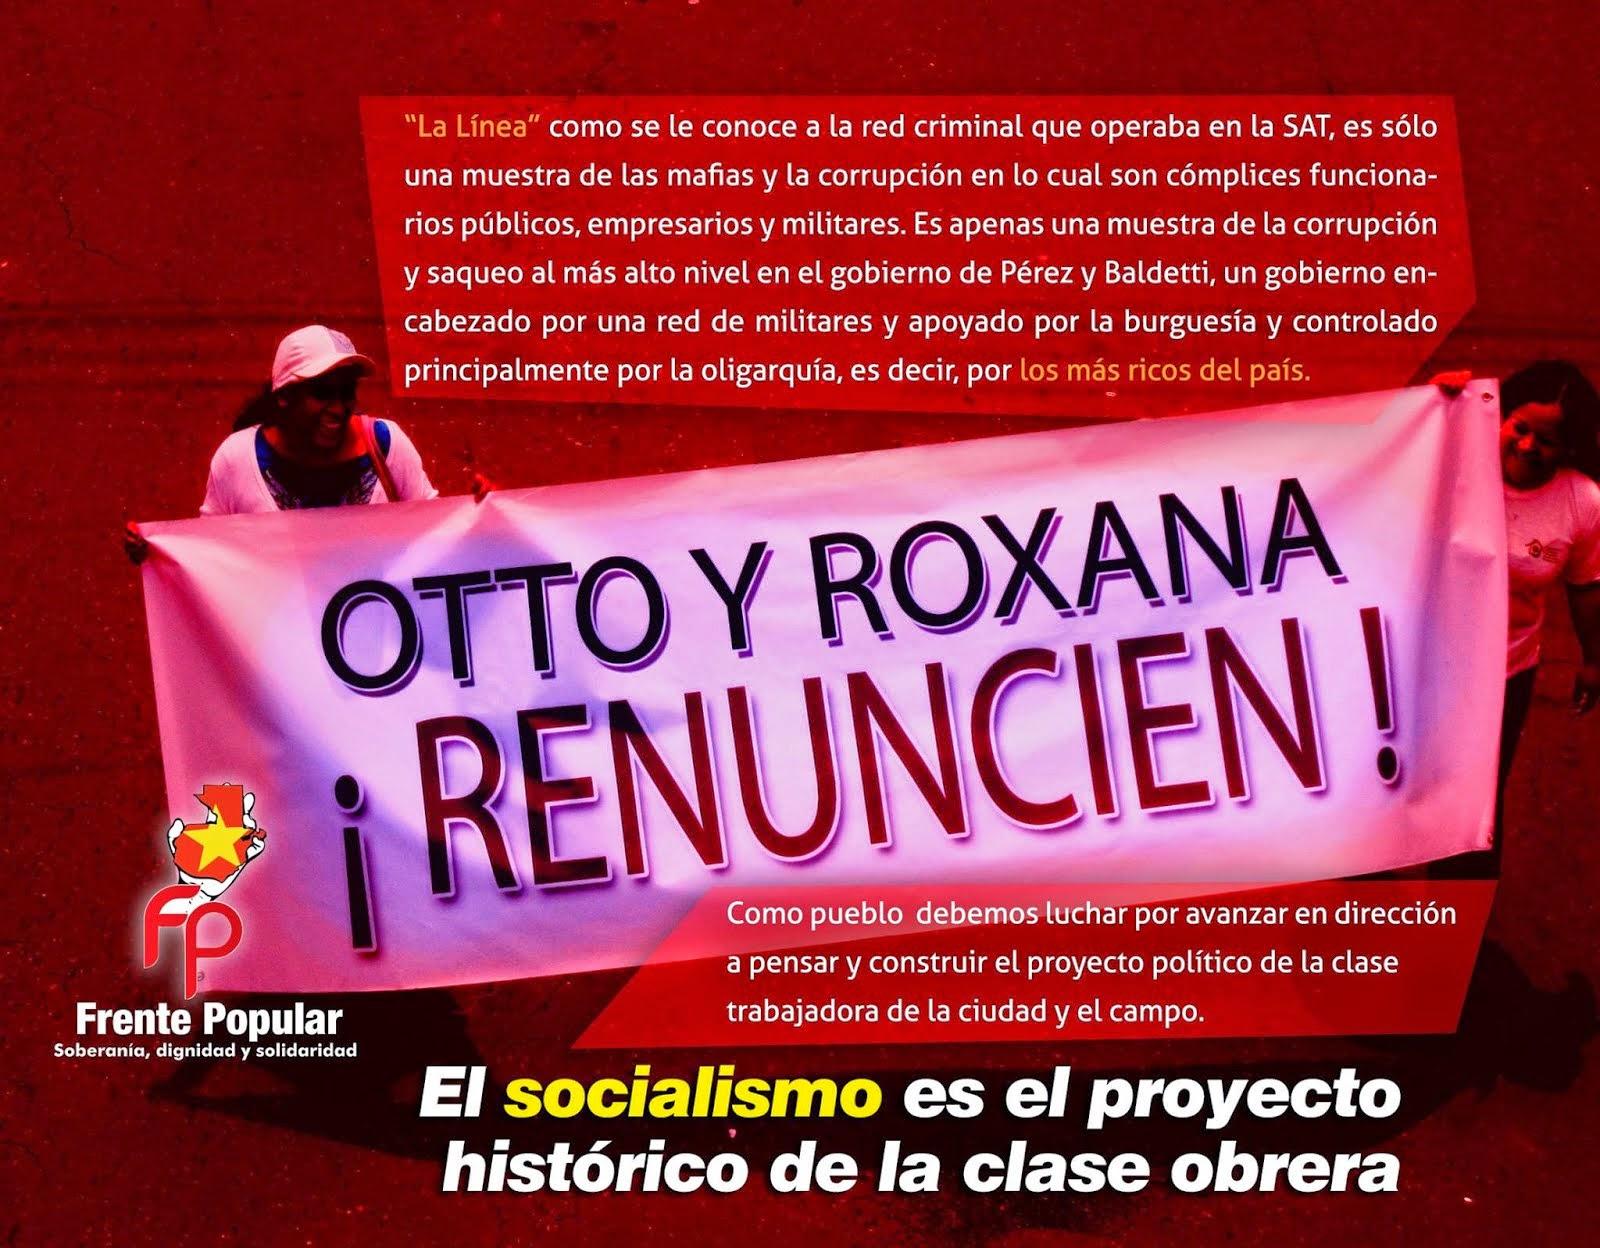 ¡OTTO Y ROXANA: RENUNCIEN!